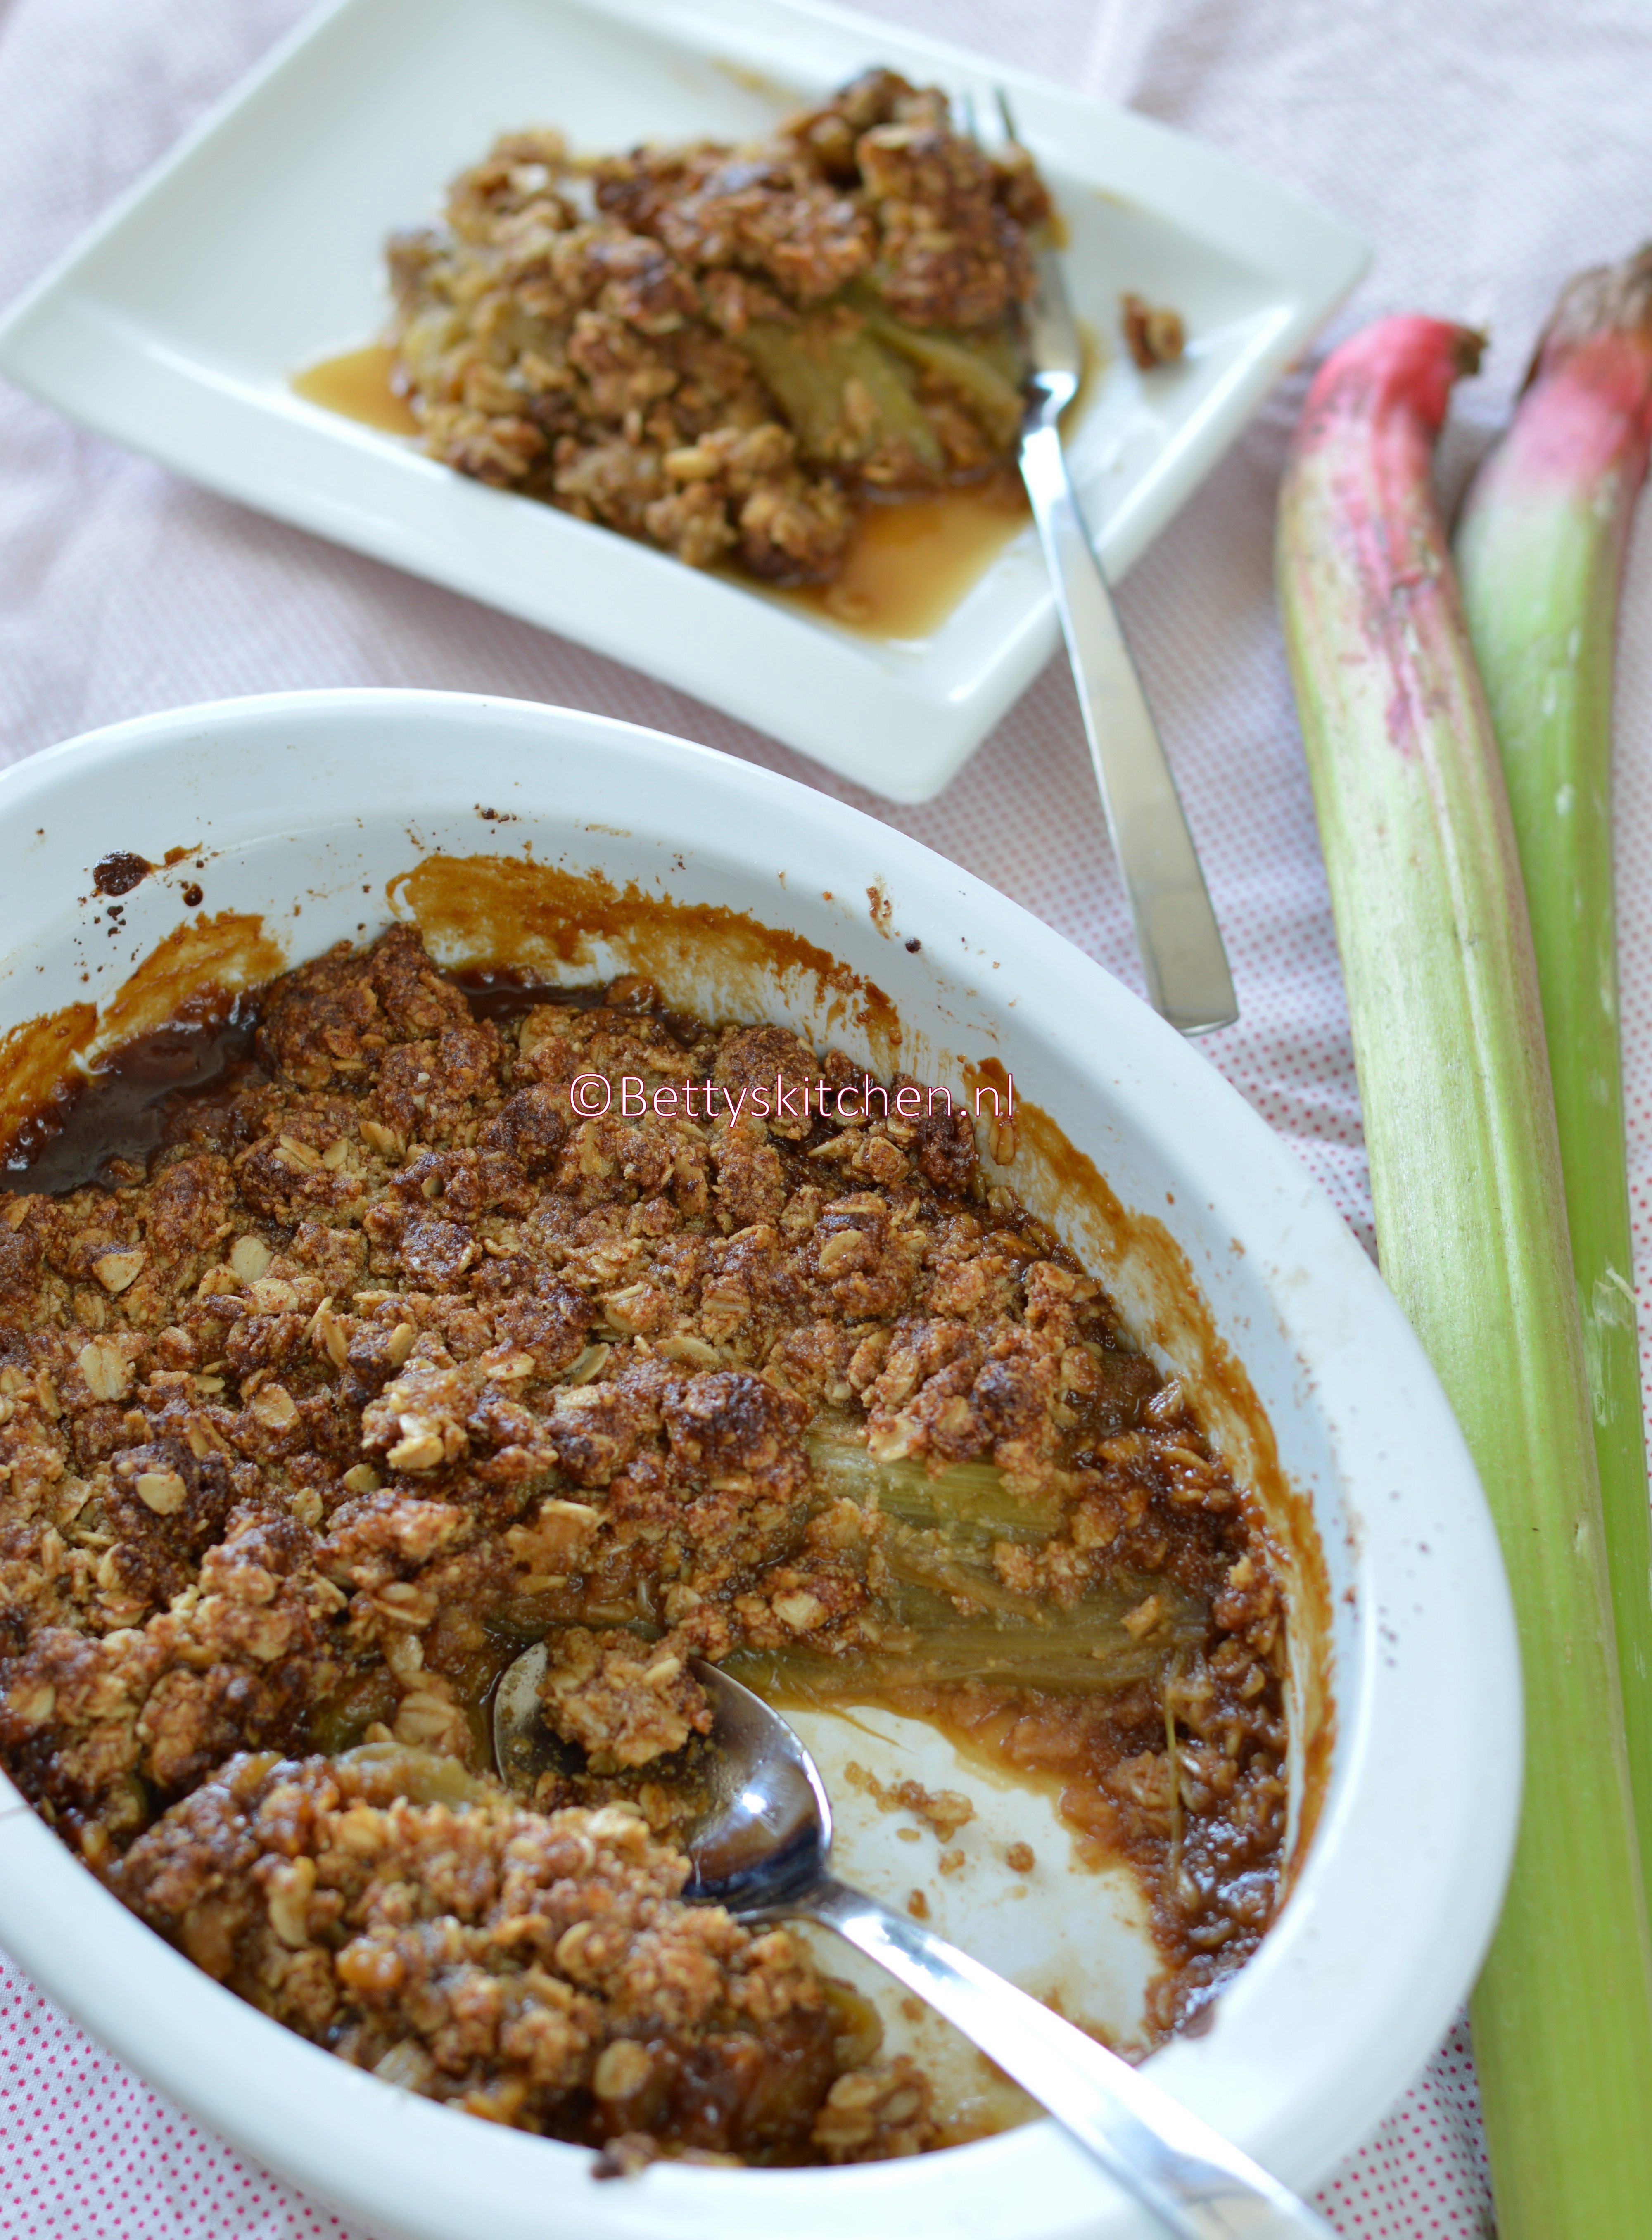 8x rabarber recepten - crumble met havermout